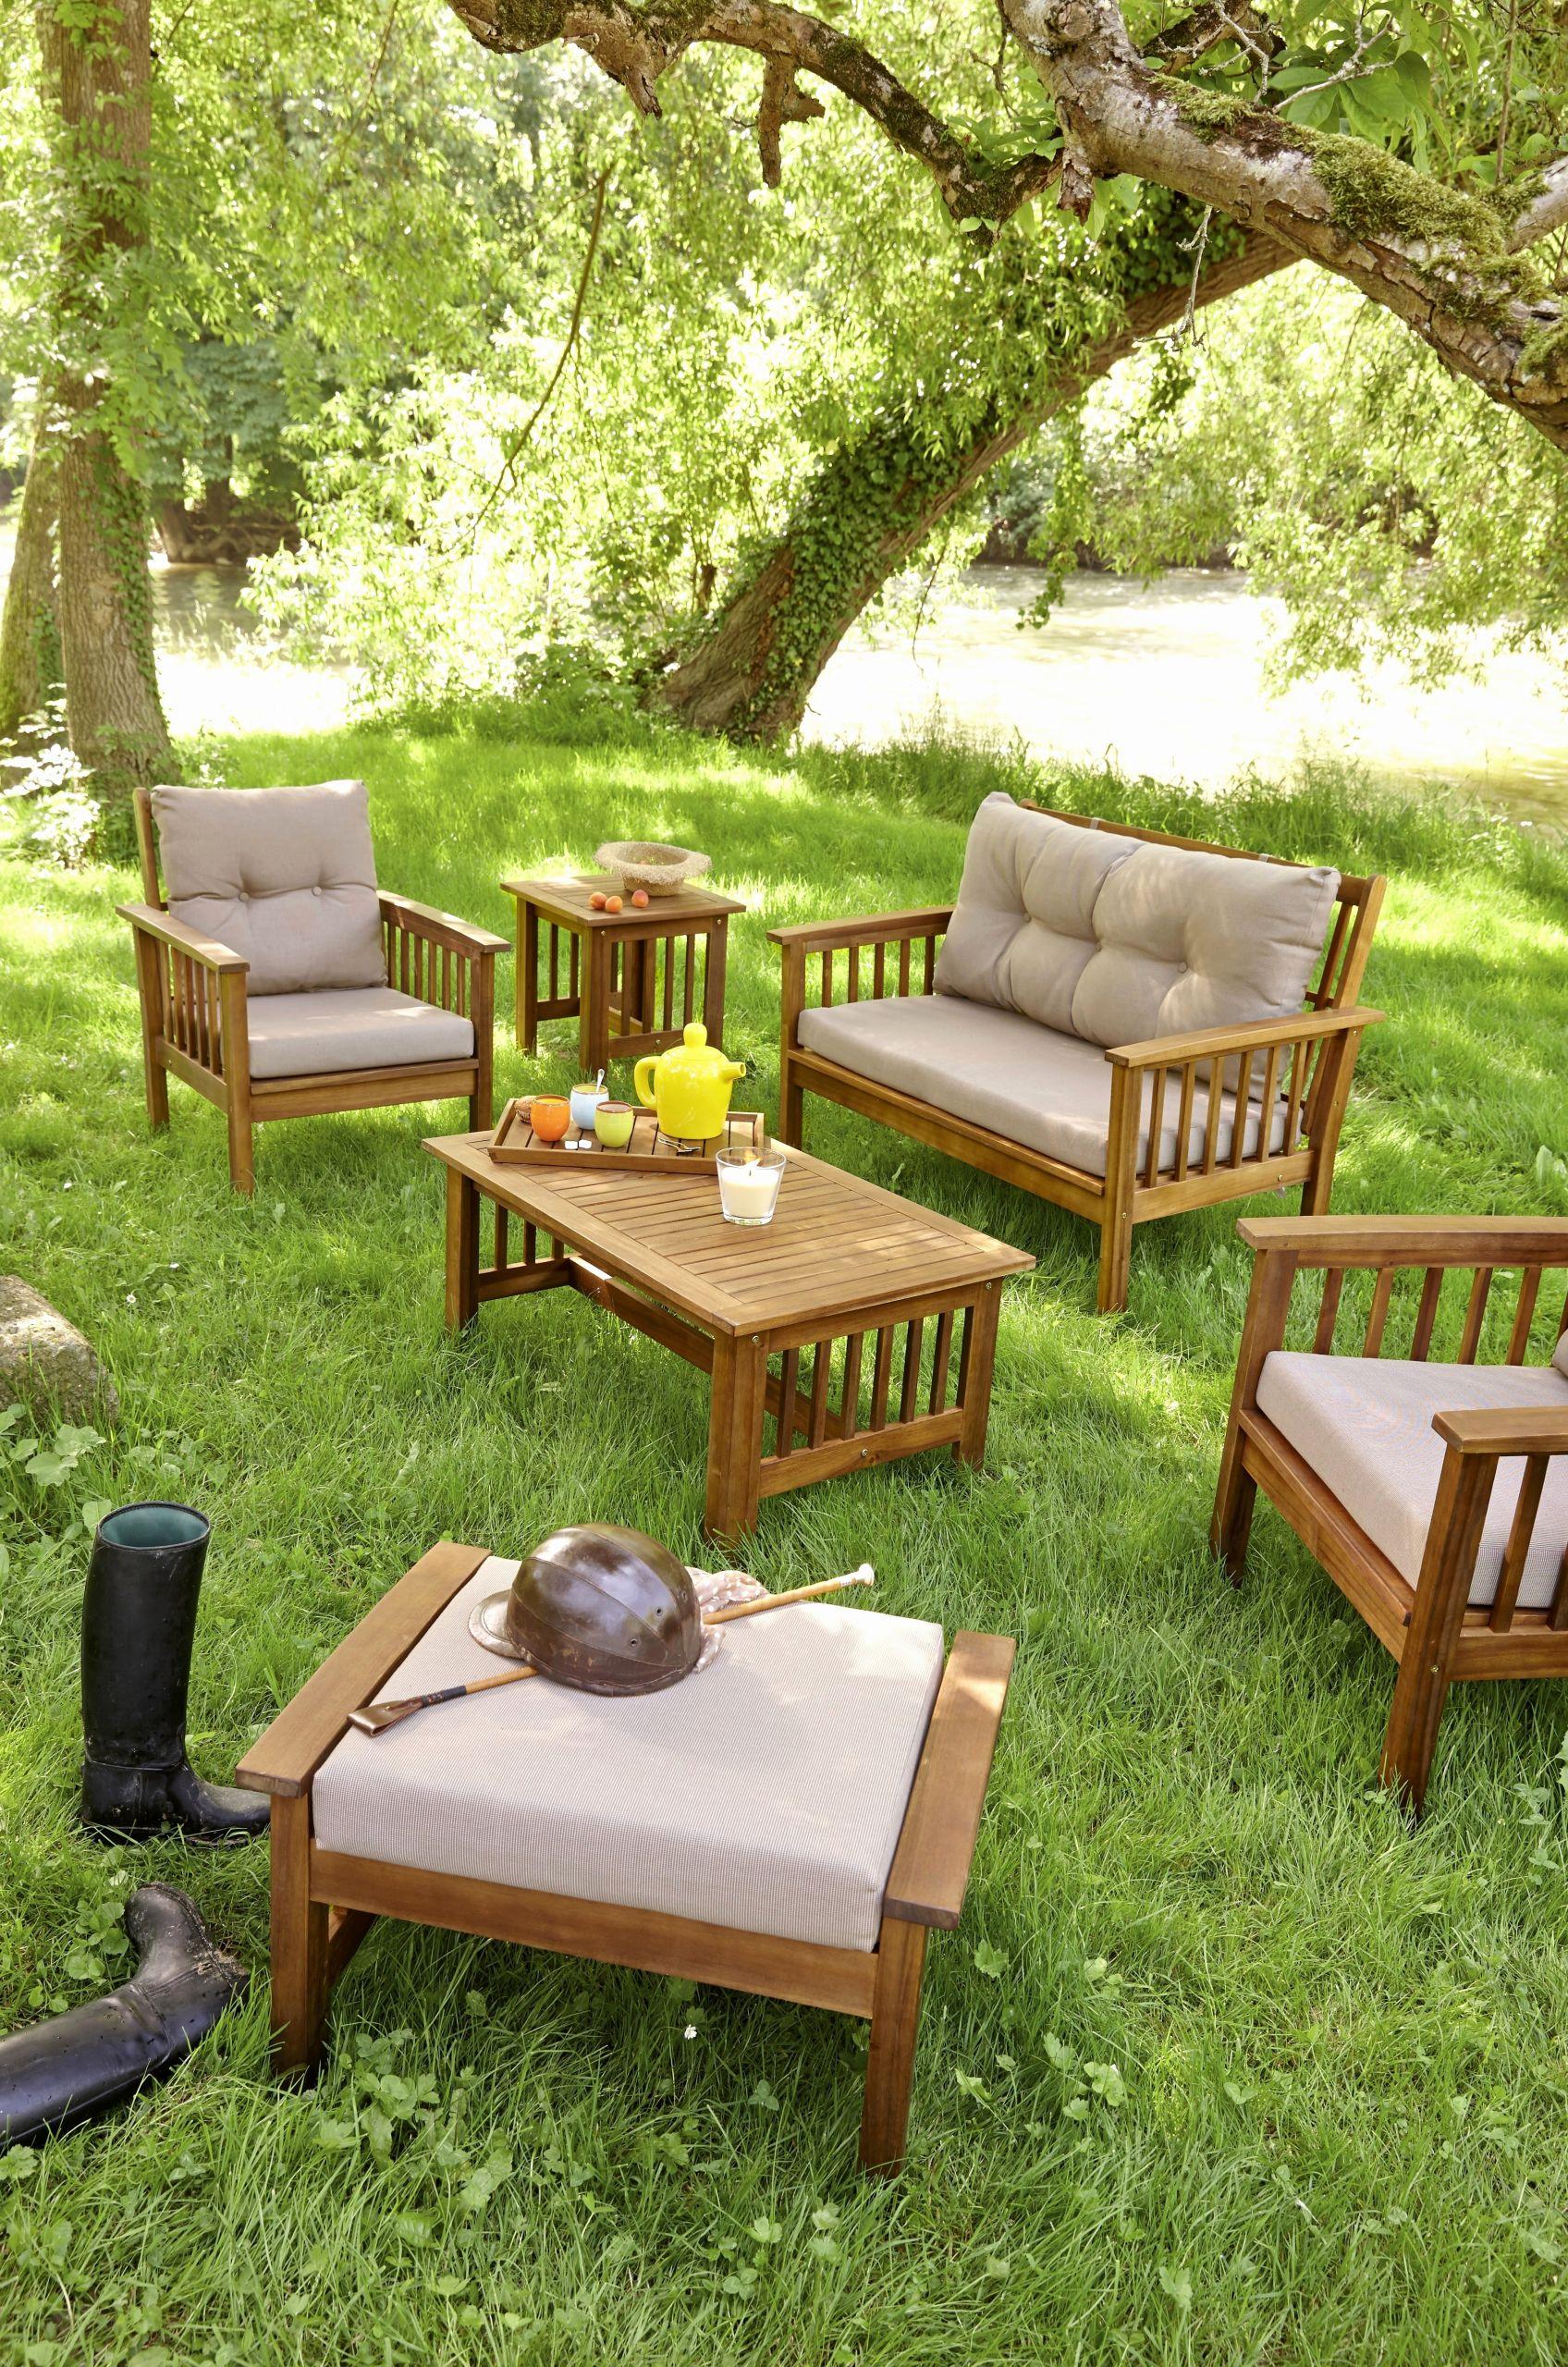 banquette de jardin en resine tressee elegant 67 nouveau collection de banc jardin pas cher of banquette de jardin en resine tressee